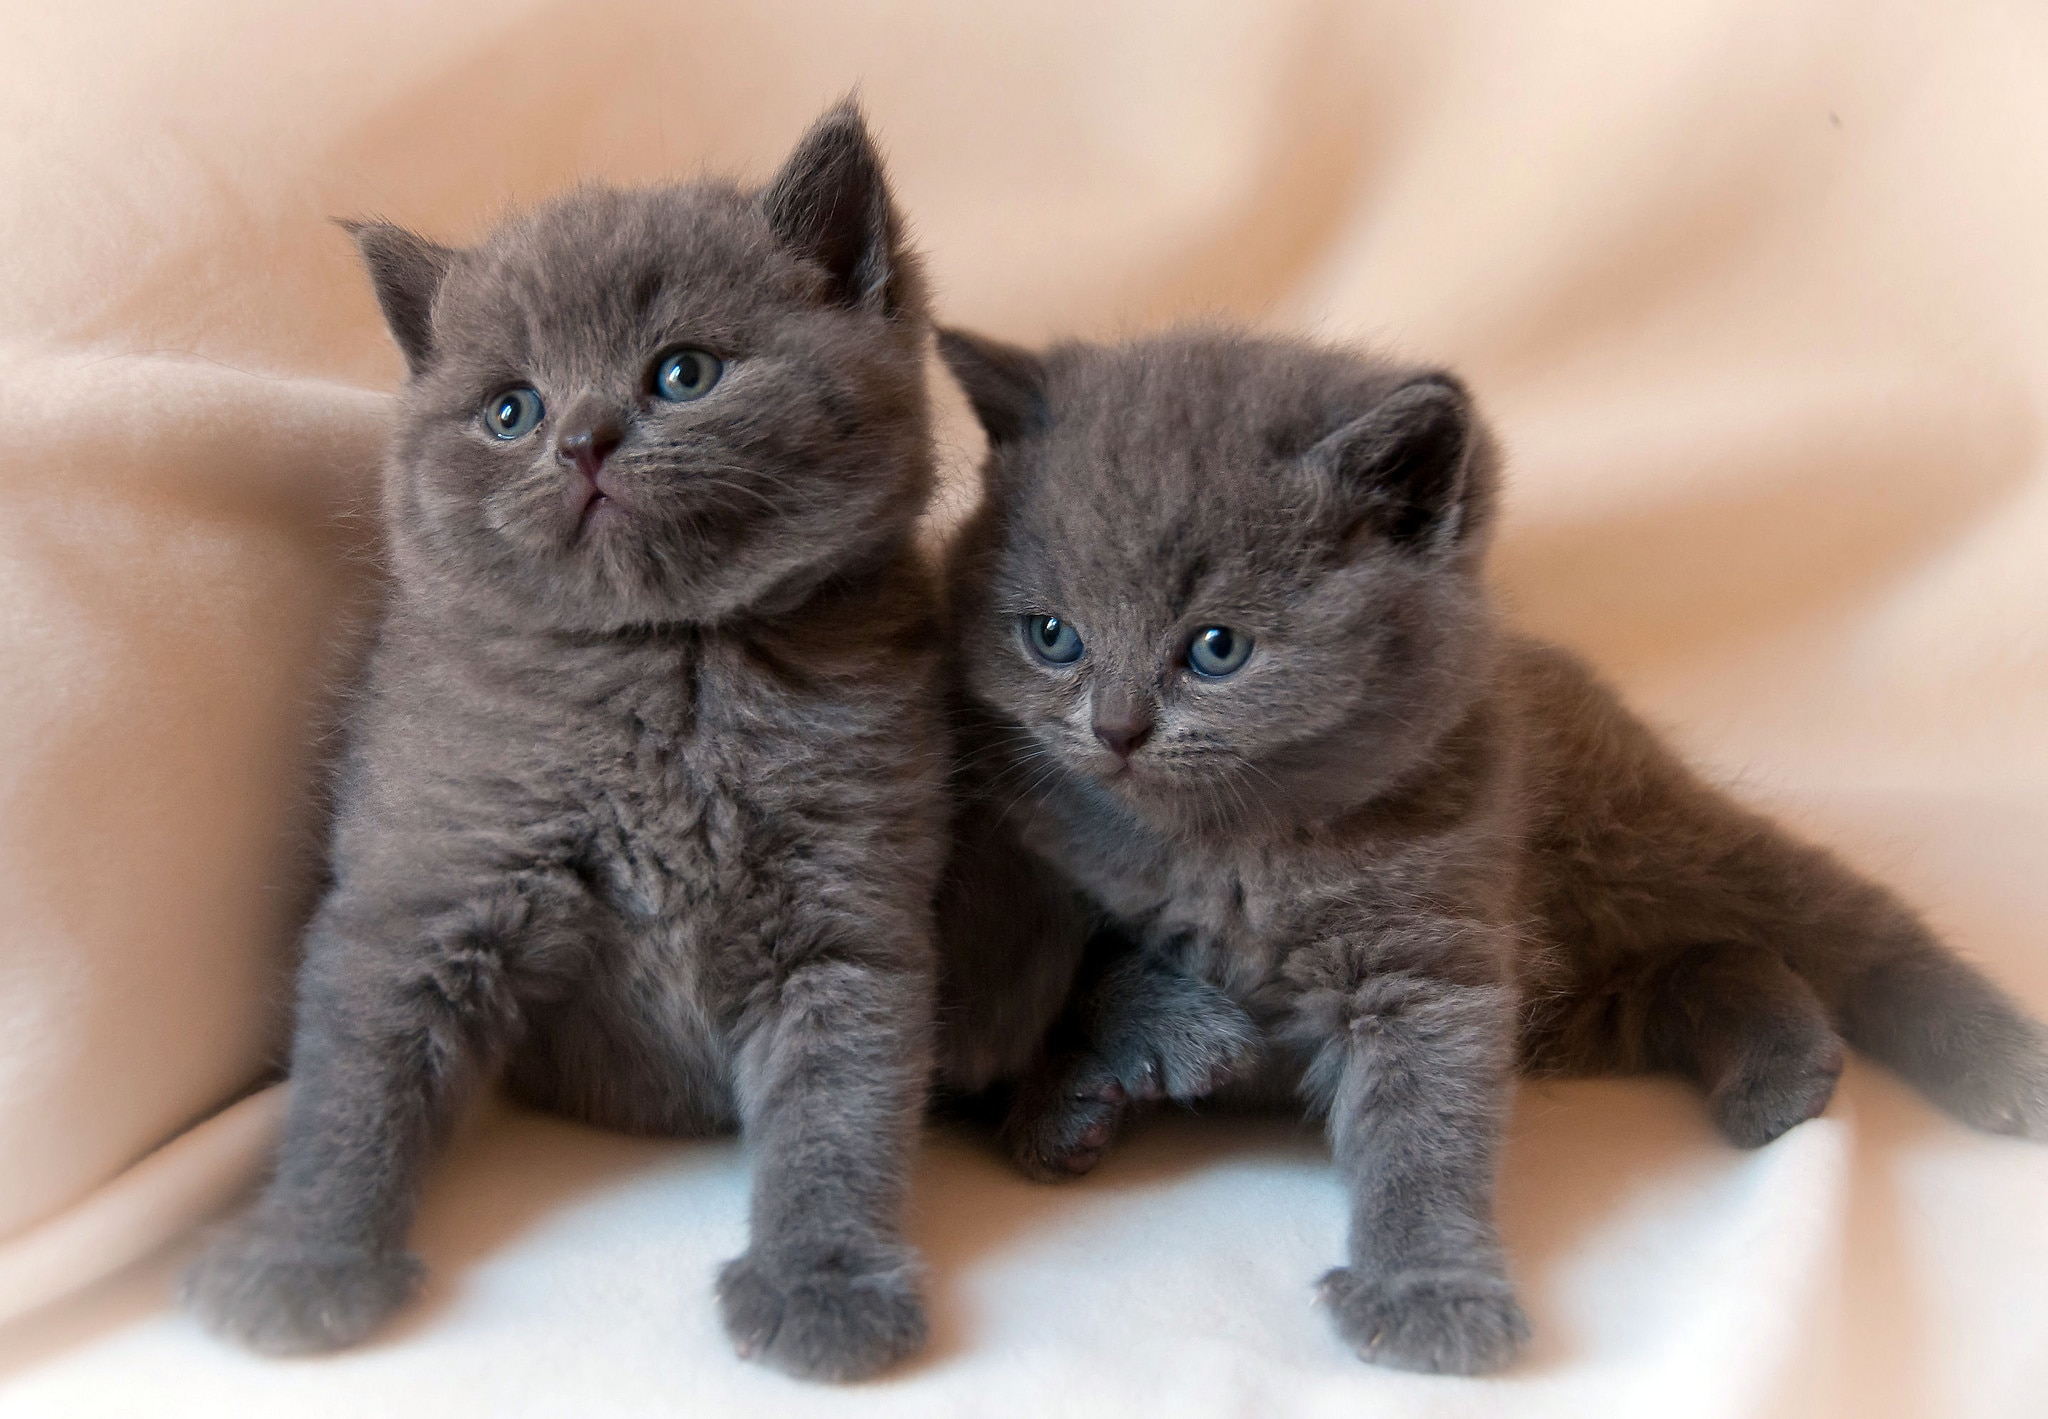 Los gatitos crecen rápido